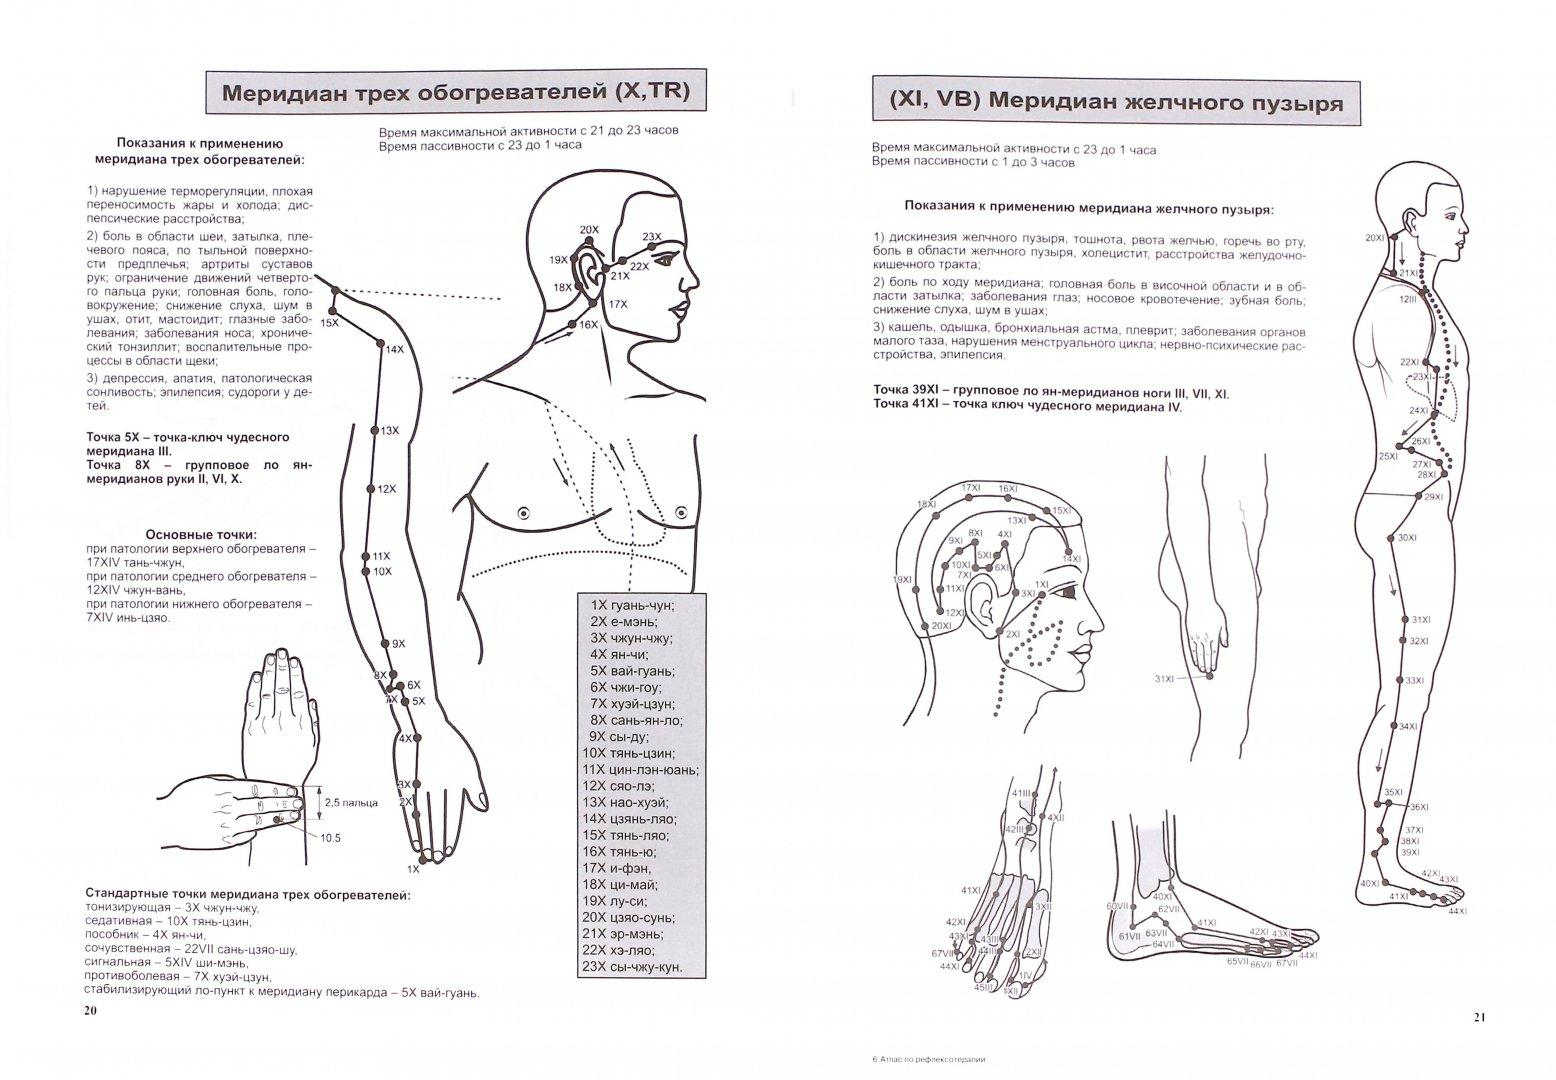 Массажеры по рефлексотерапии массажеры для ног купить